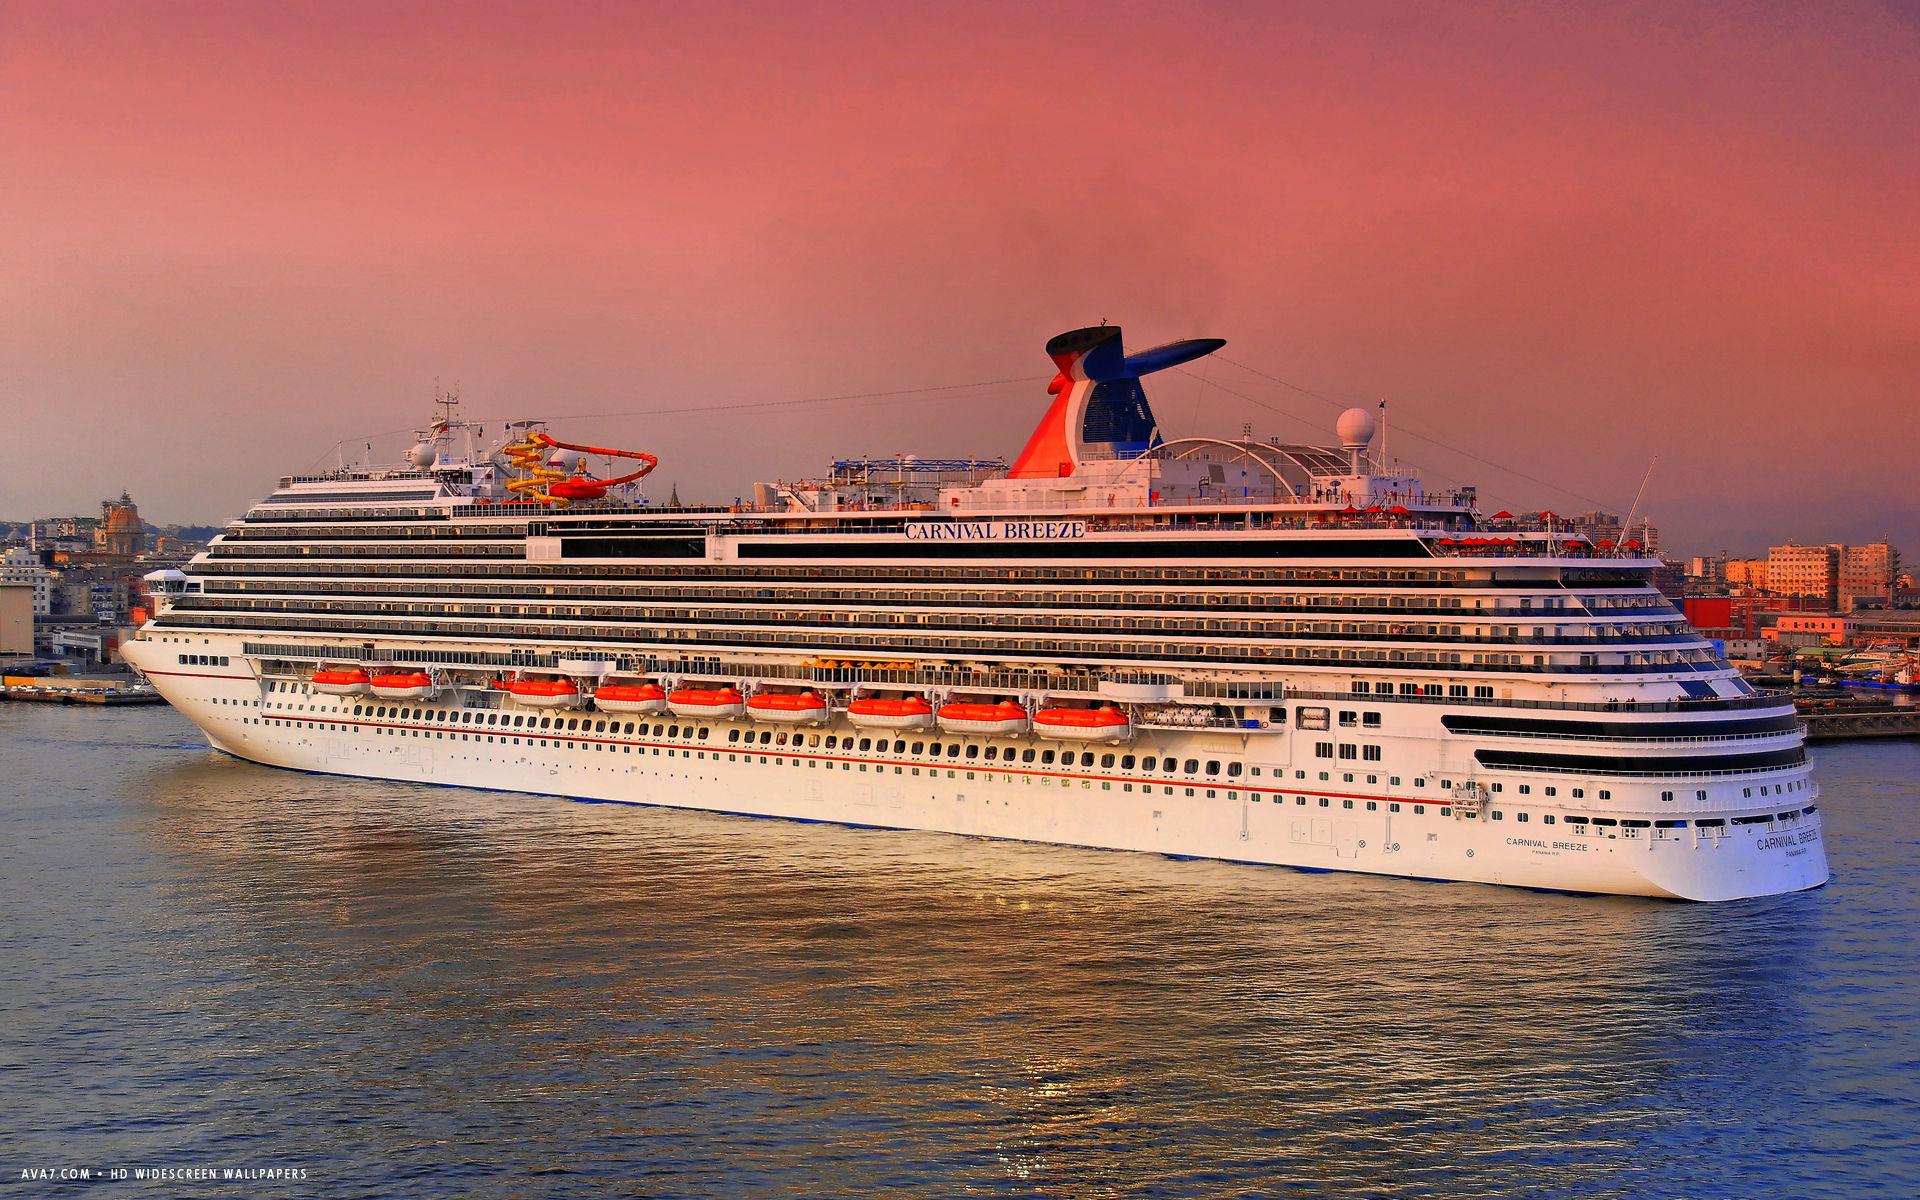 carnival breeze cruise ship hd widescreen wallpaper cruise ships 1920x1200